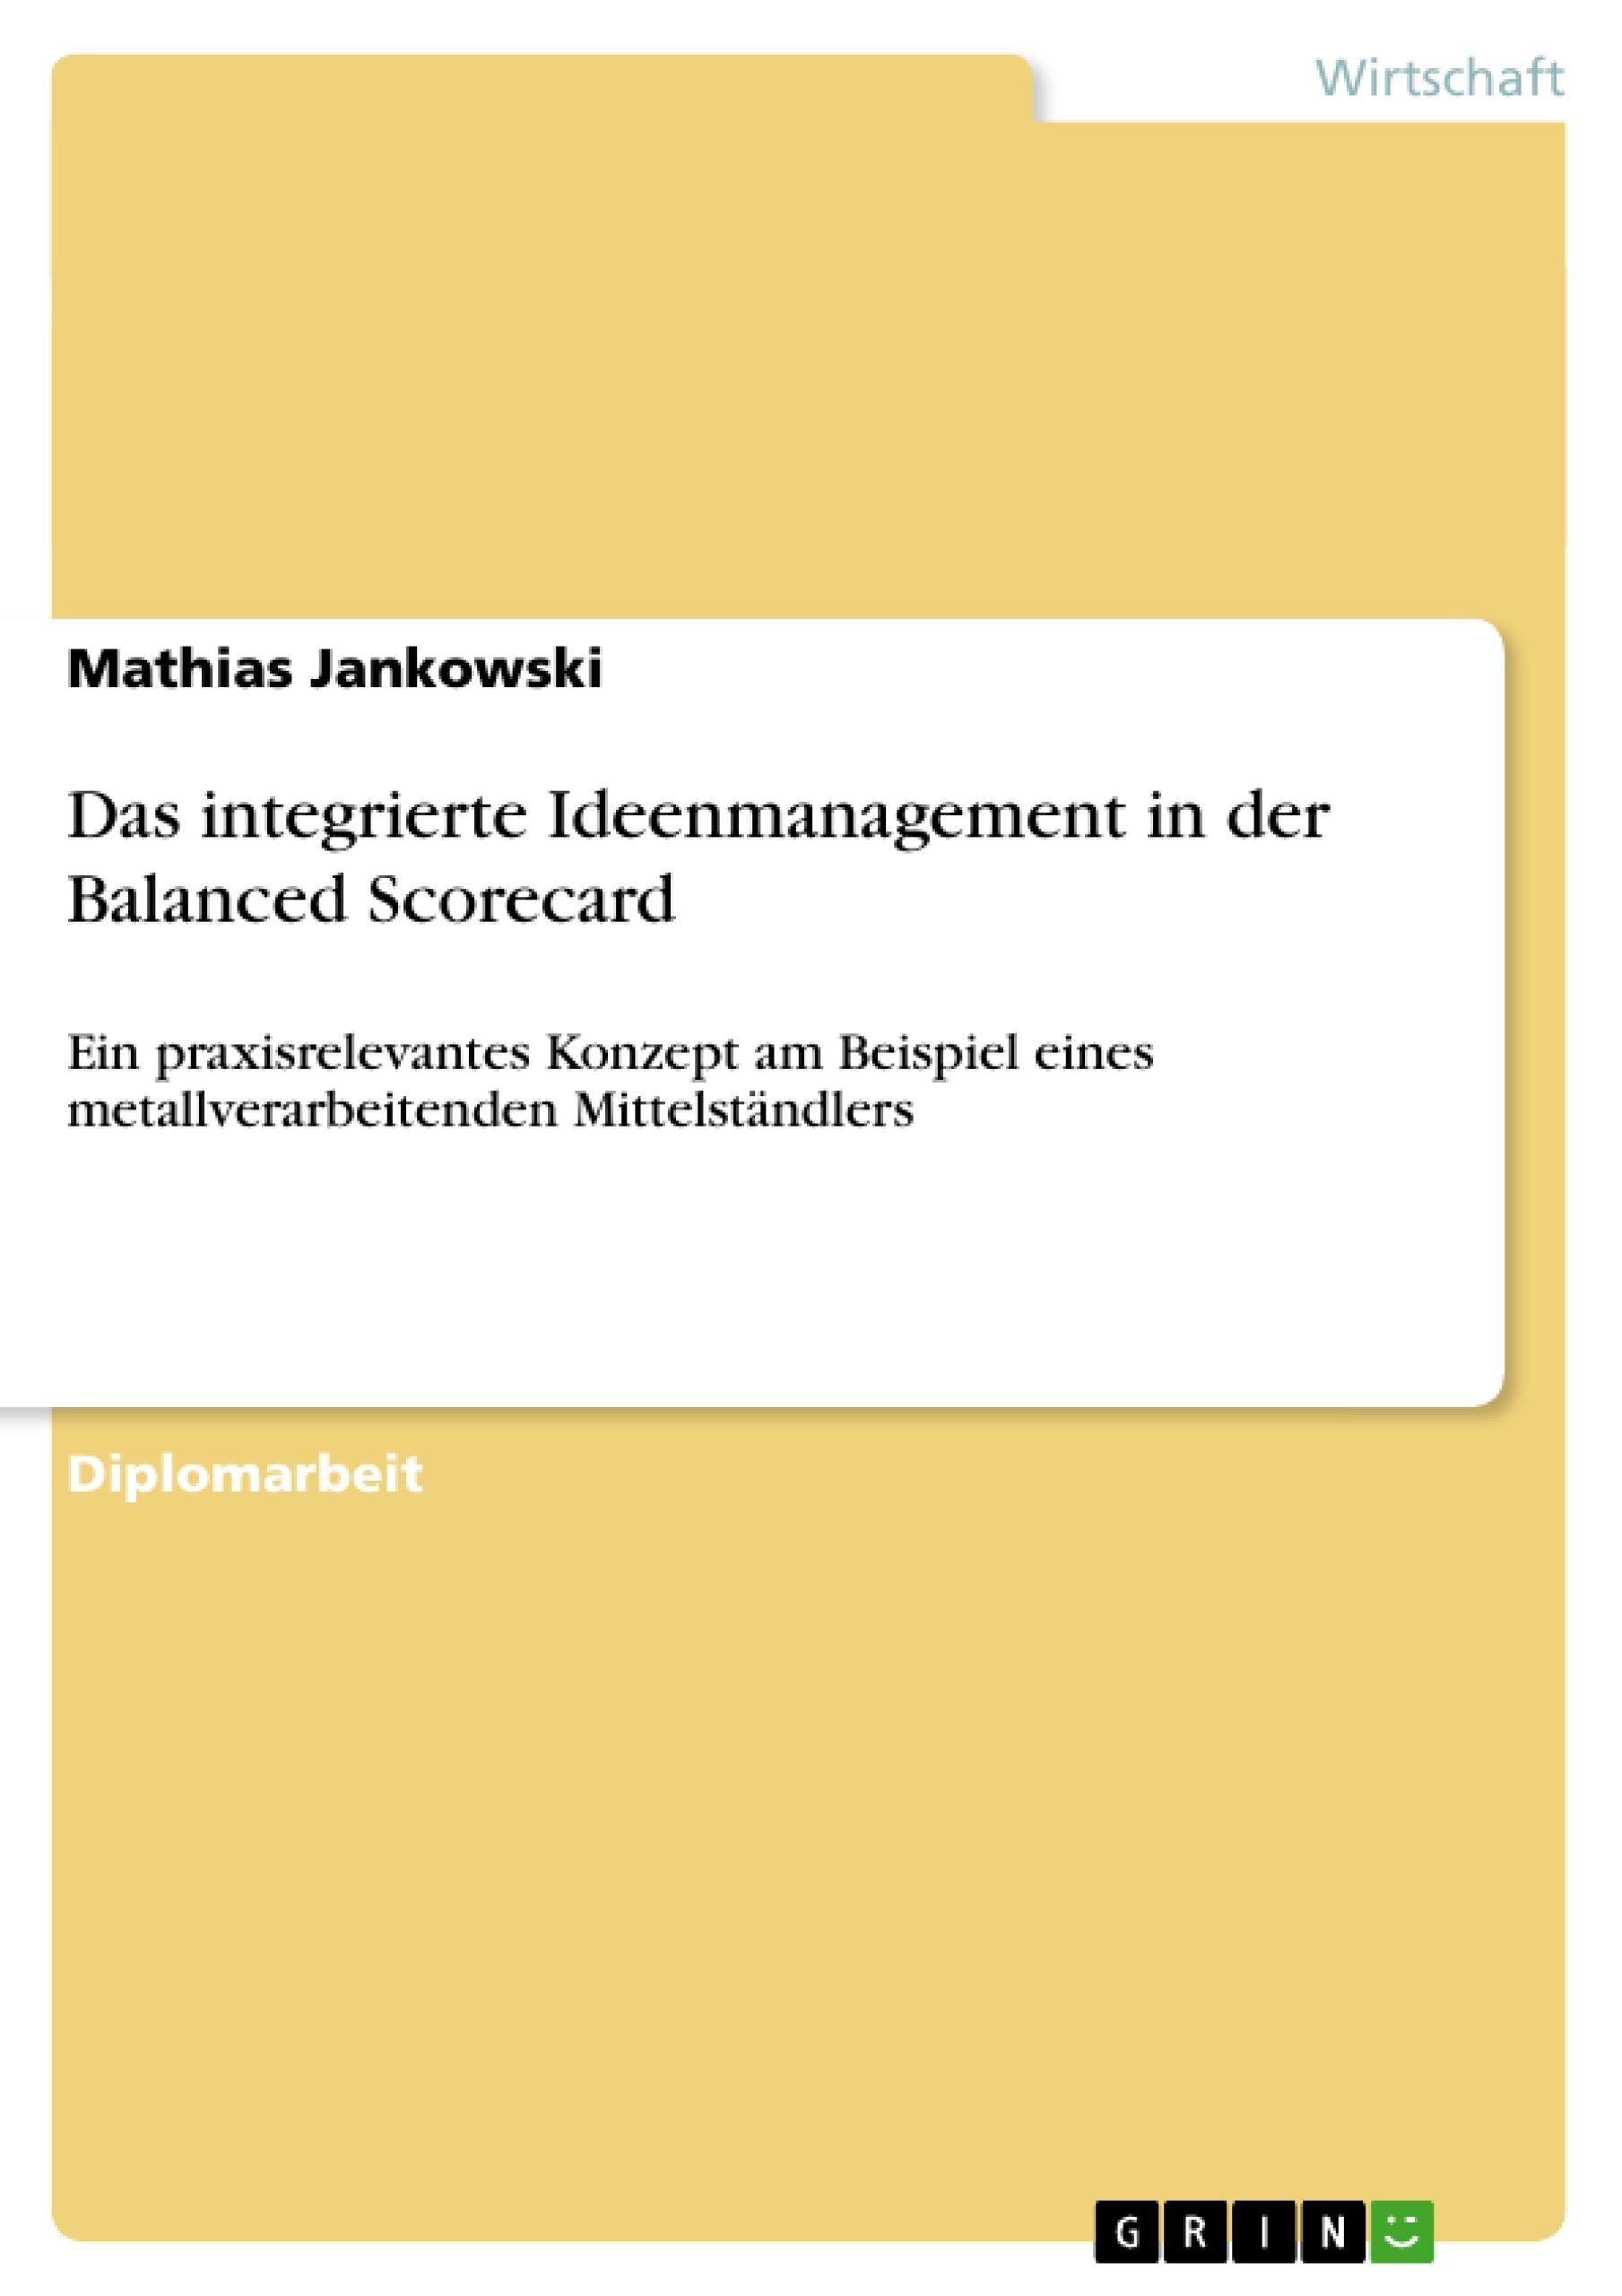 Titel: Das integrierte Ideenmanagement in der Balanced Scorecard